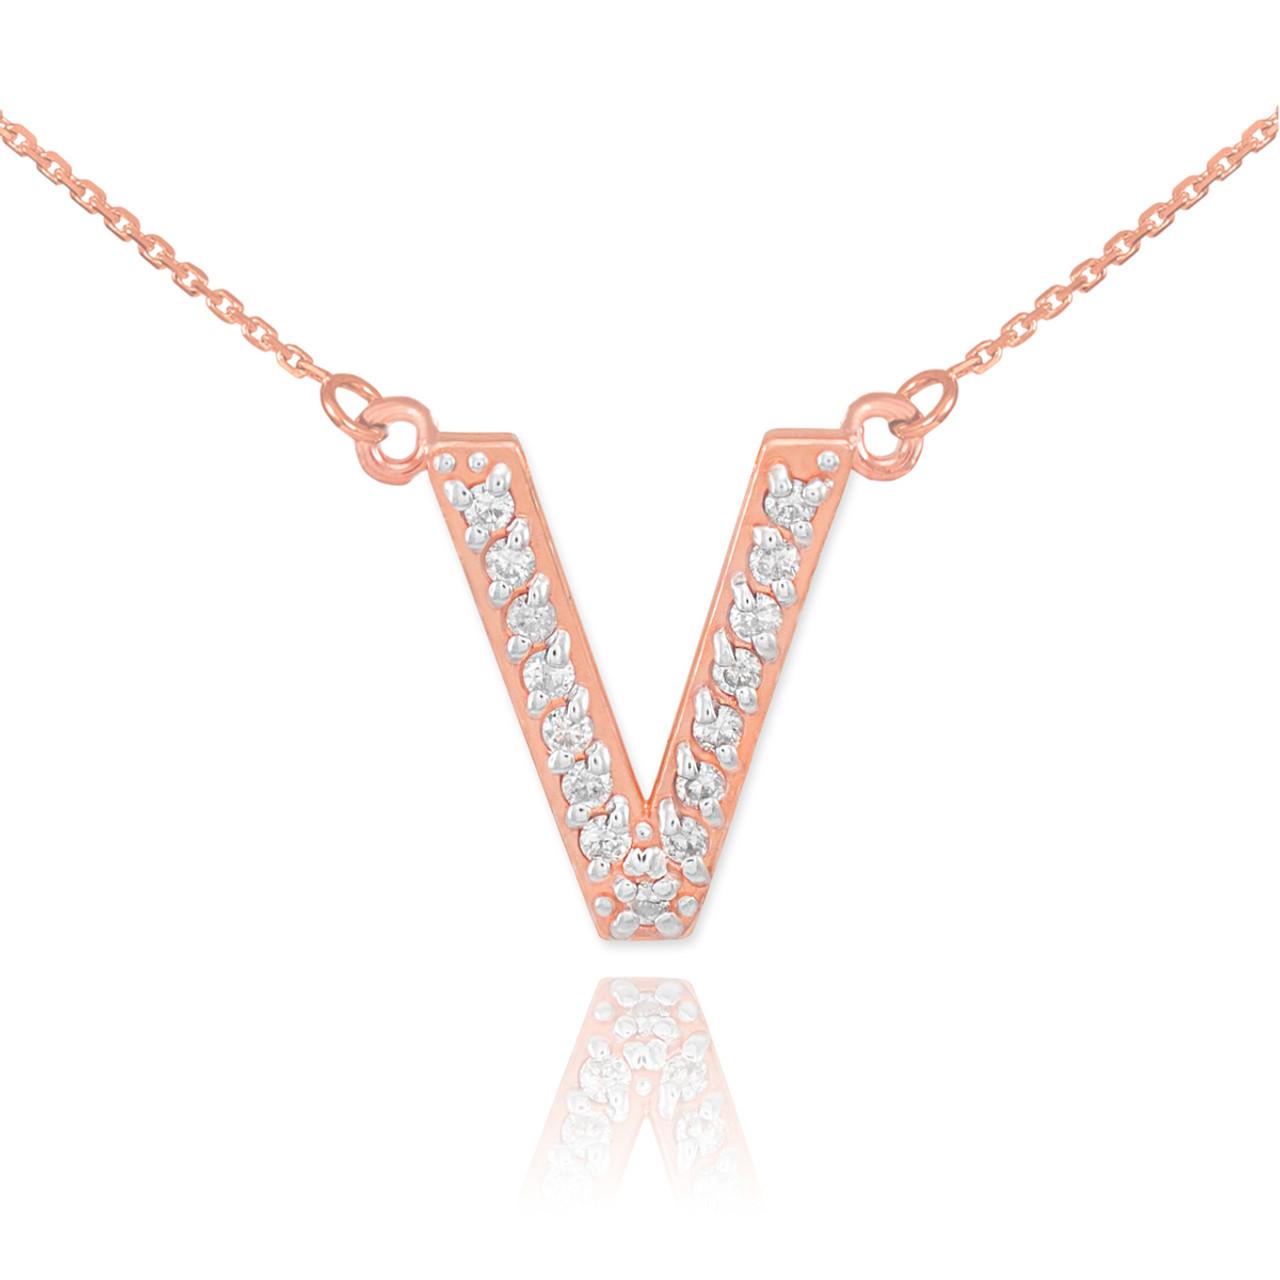 Letter V Monogram Necklace Letter Necklace Initial Necklace V Necklace Initial V Necklace Rose Gold Letter V Necklace